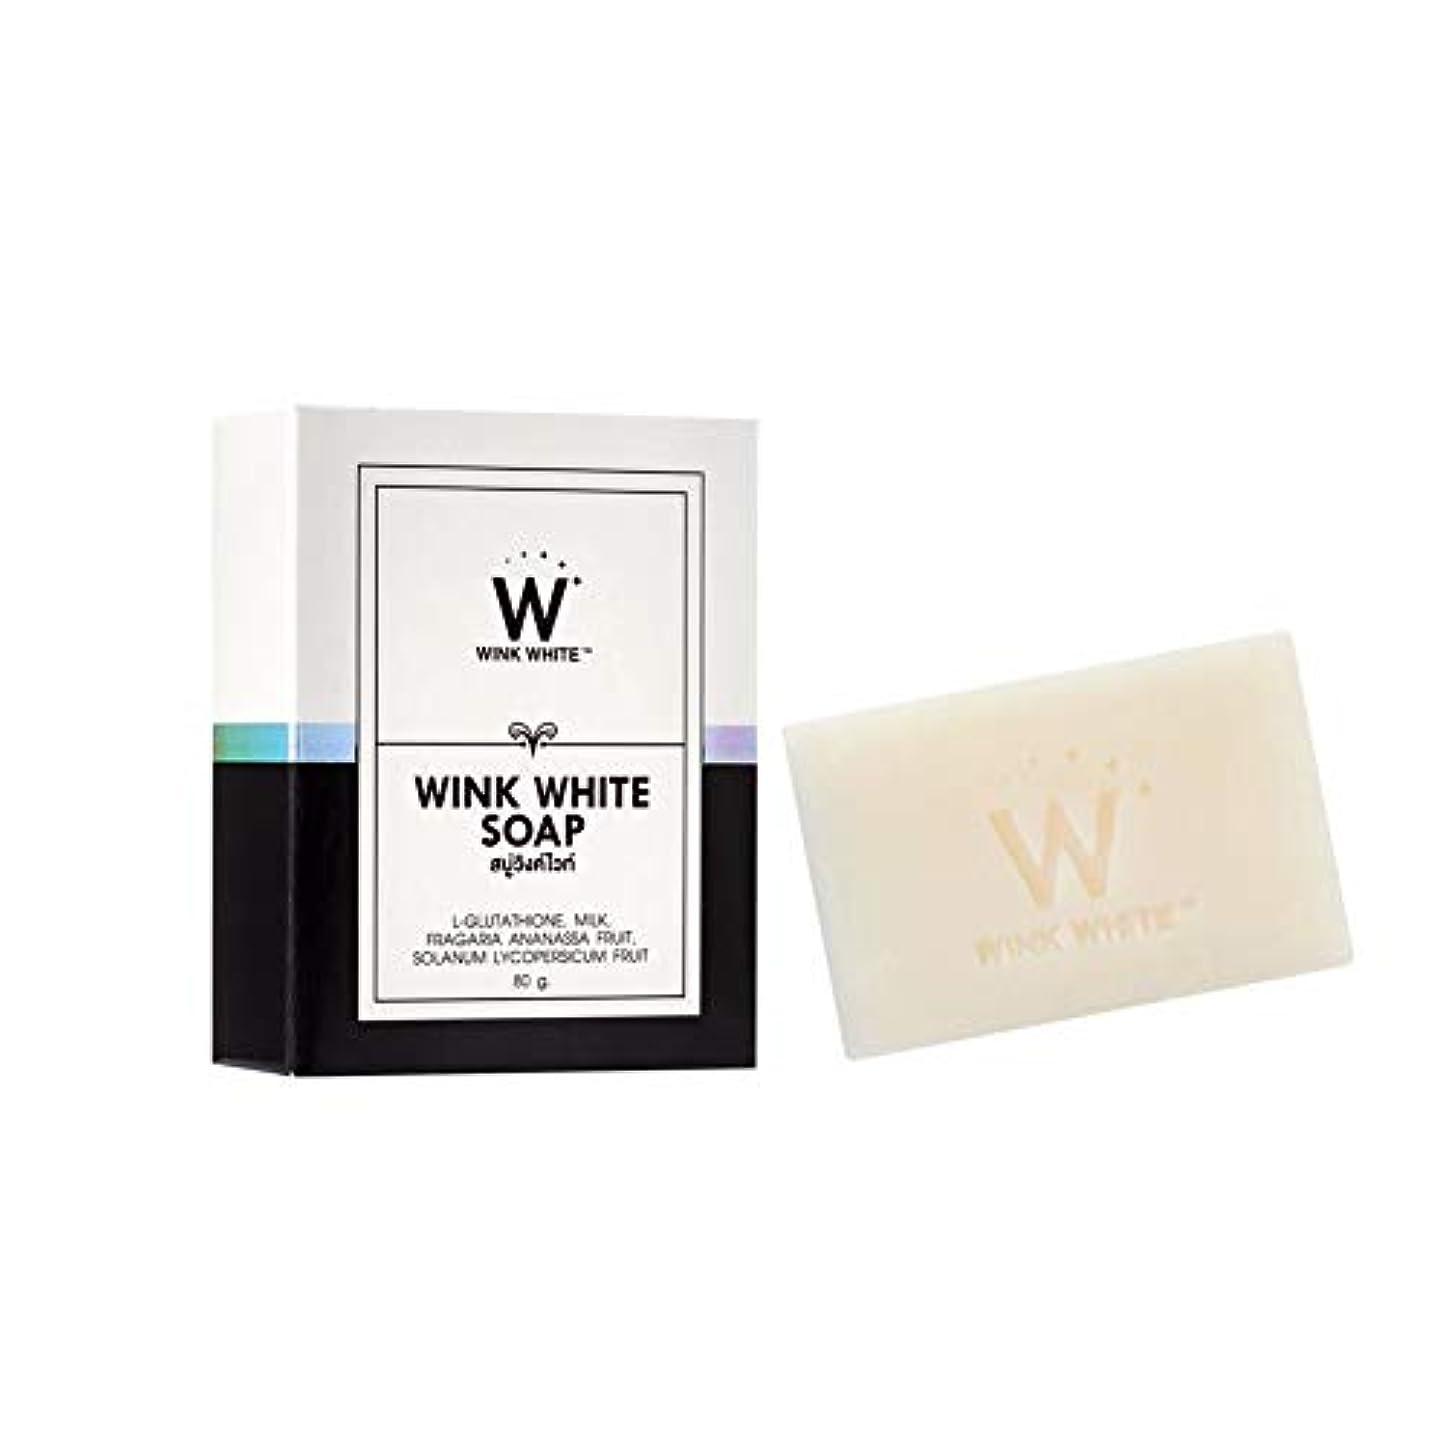 寛容疑い者くSoap Net Nature White Soap Base Wink White Soap Gluta Pure Skin Body Whitening Strawberry for Whitening Skin All...